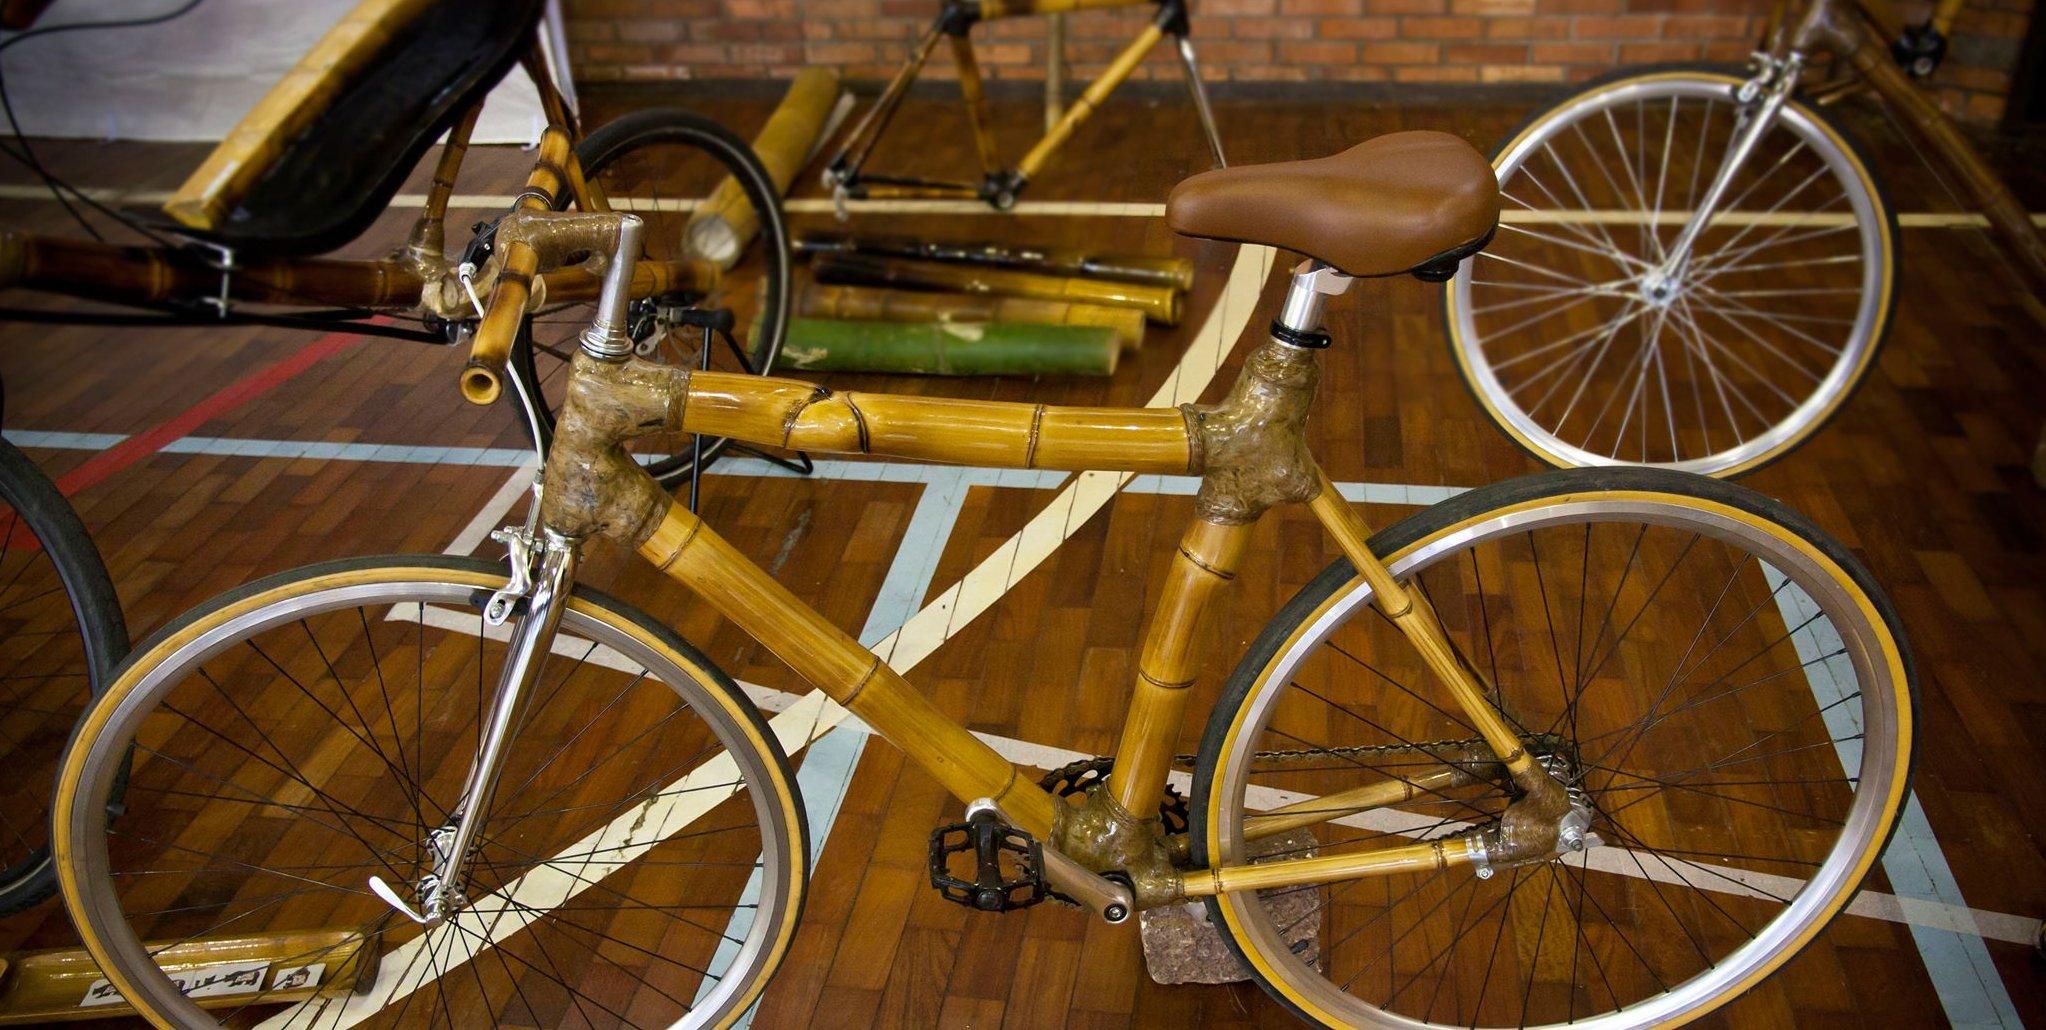 bicicleta_de_bambu_urbana_para_deslocamentos_rápidos_no_dia_a_dia,_handmade_bamboo_bike_by_ArtBikeBa